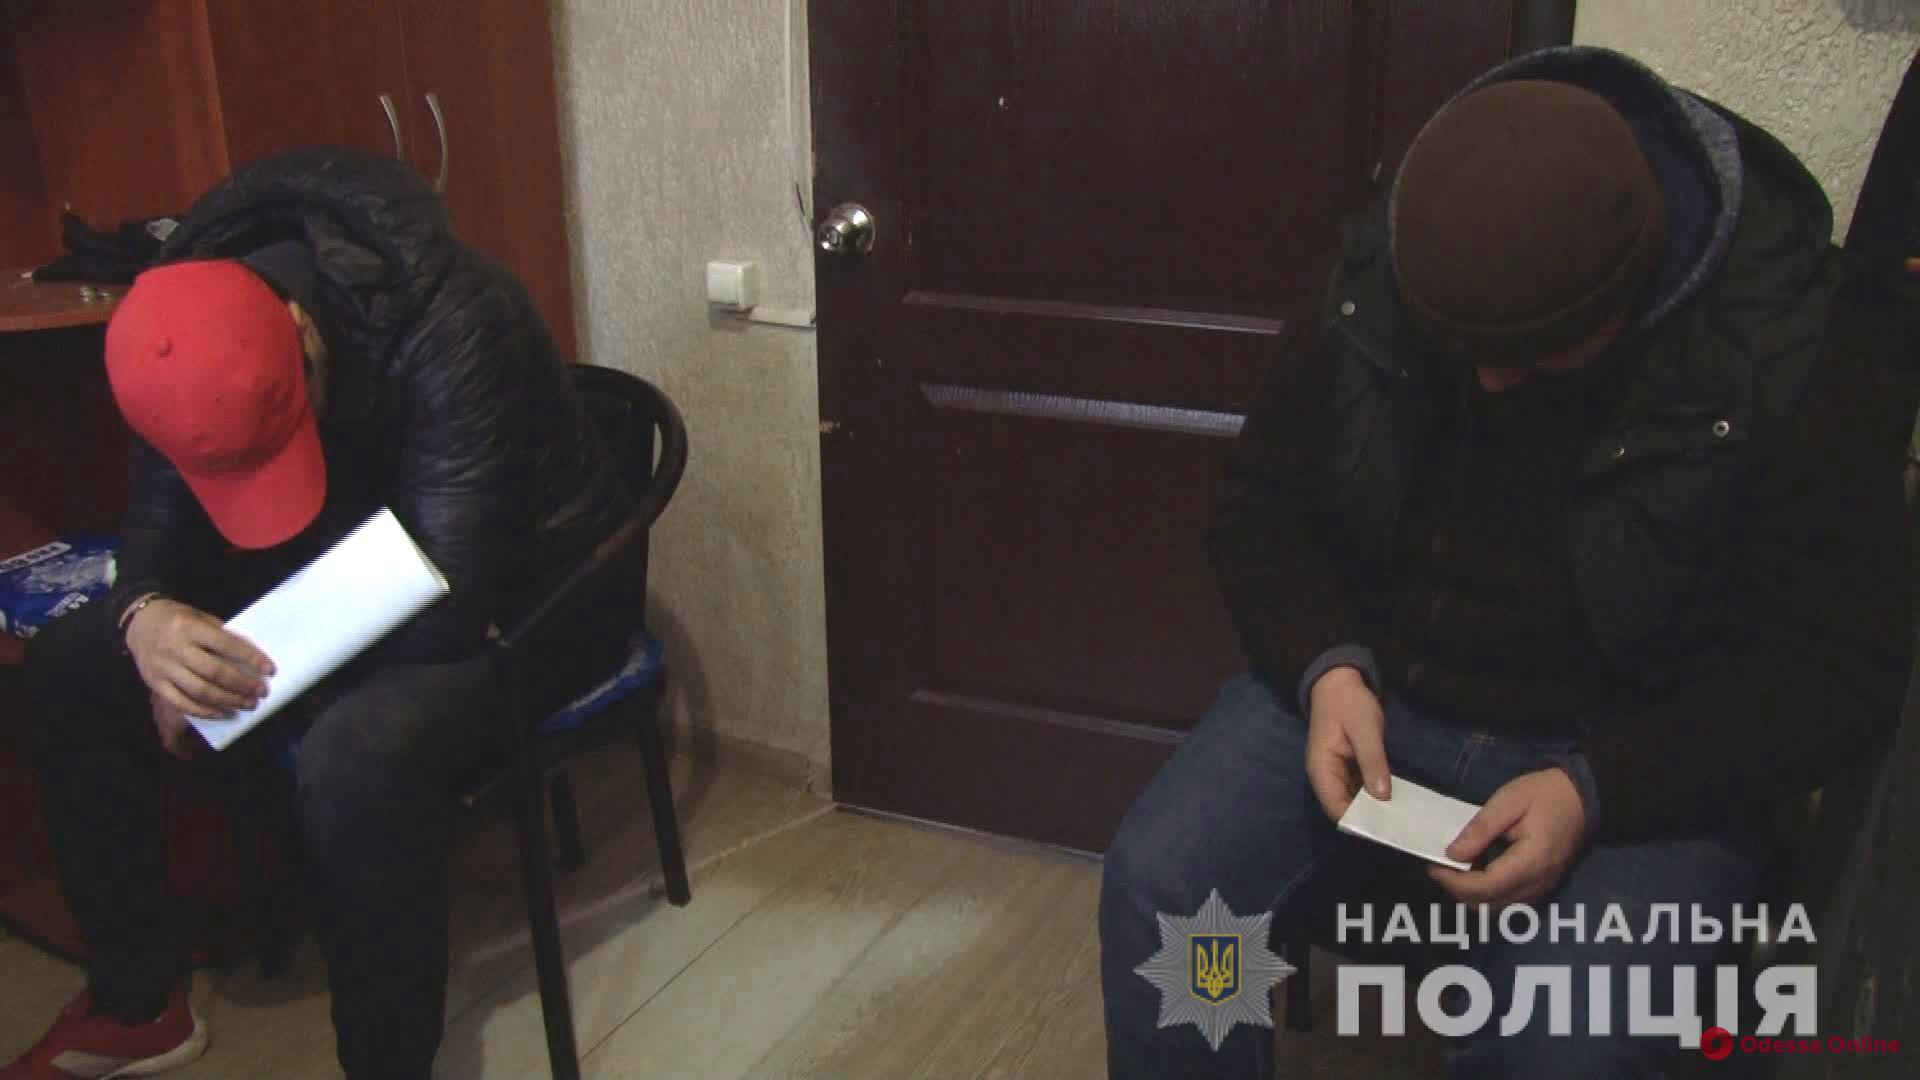 «Обчистили» киоск фаст-фуда: в Одессе с поличным задержали двух серийных воров (видео)